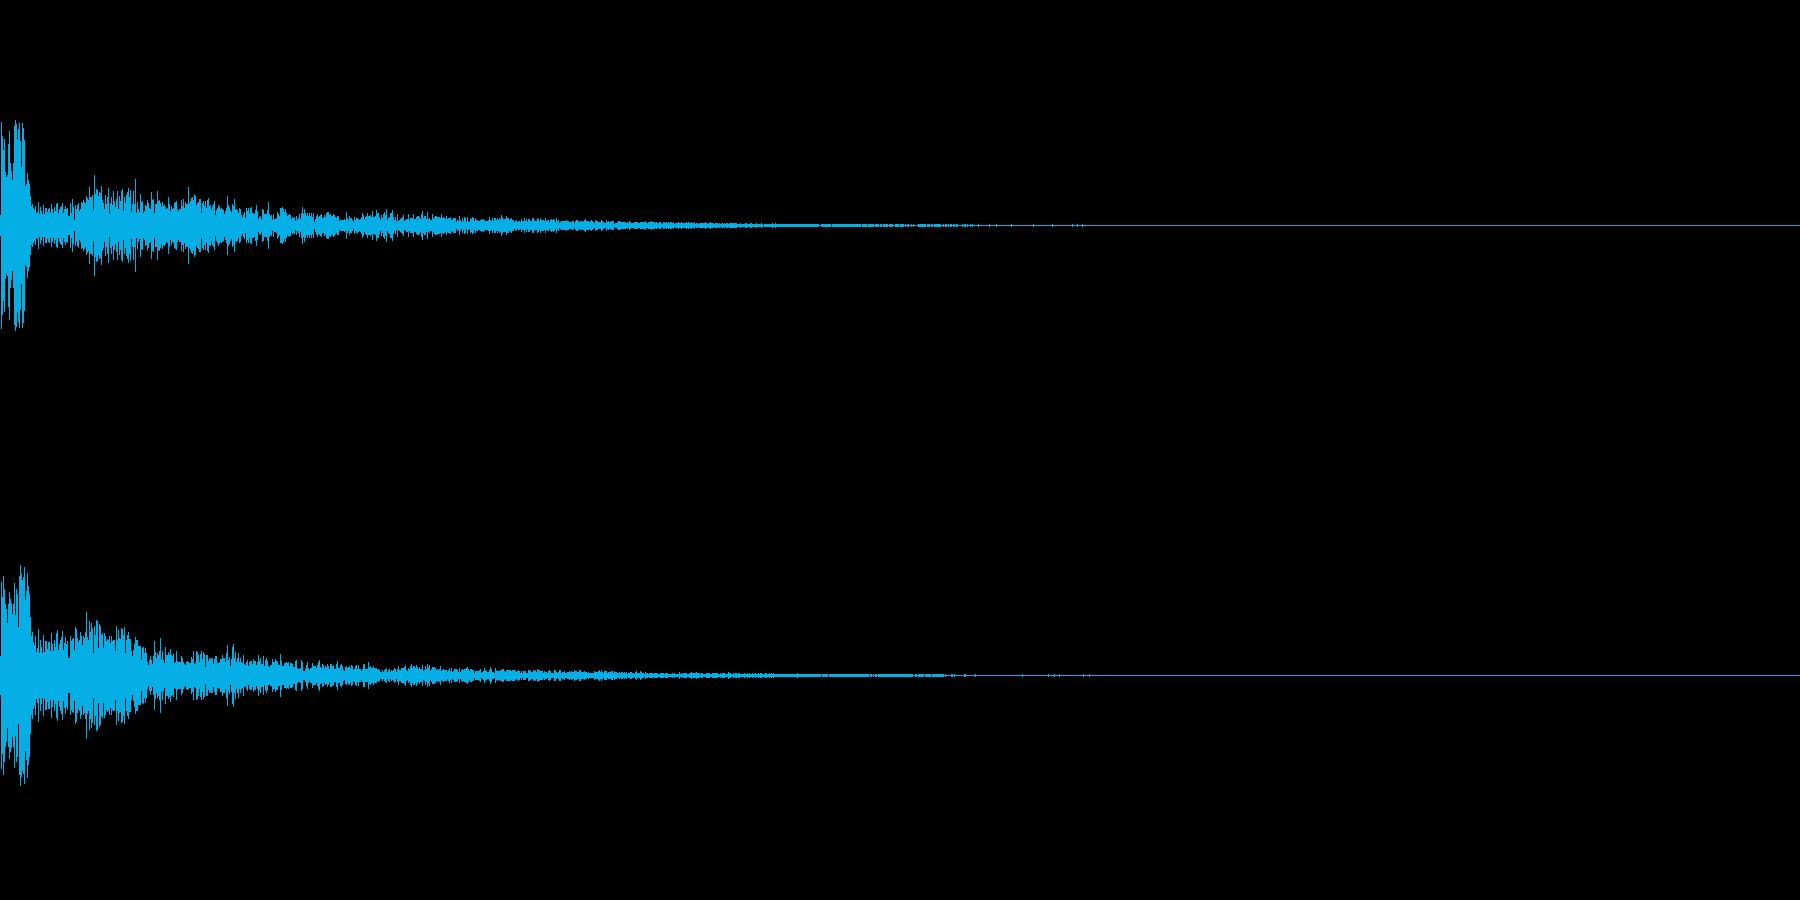 カーン(キャンセル音)の再生済みの波形